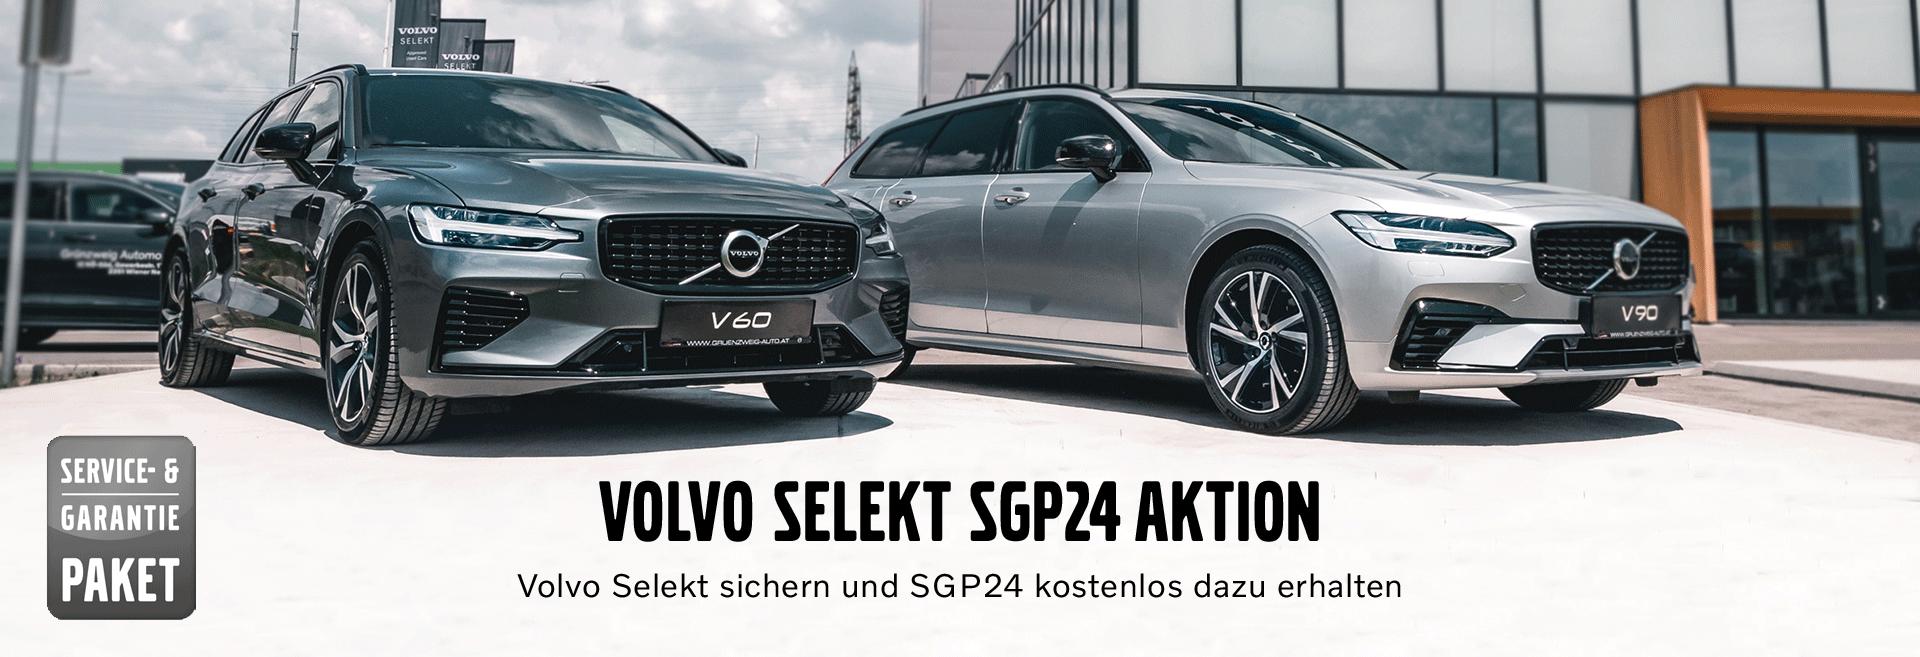 Volvo Selekt Modell Service- und Garantiepaket